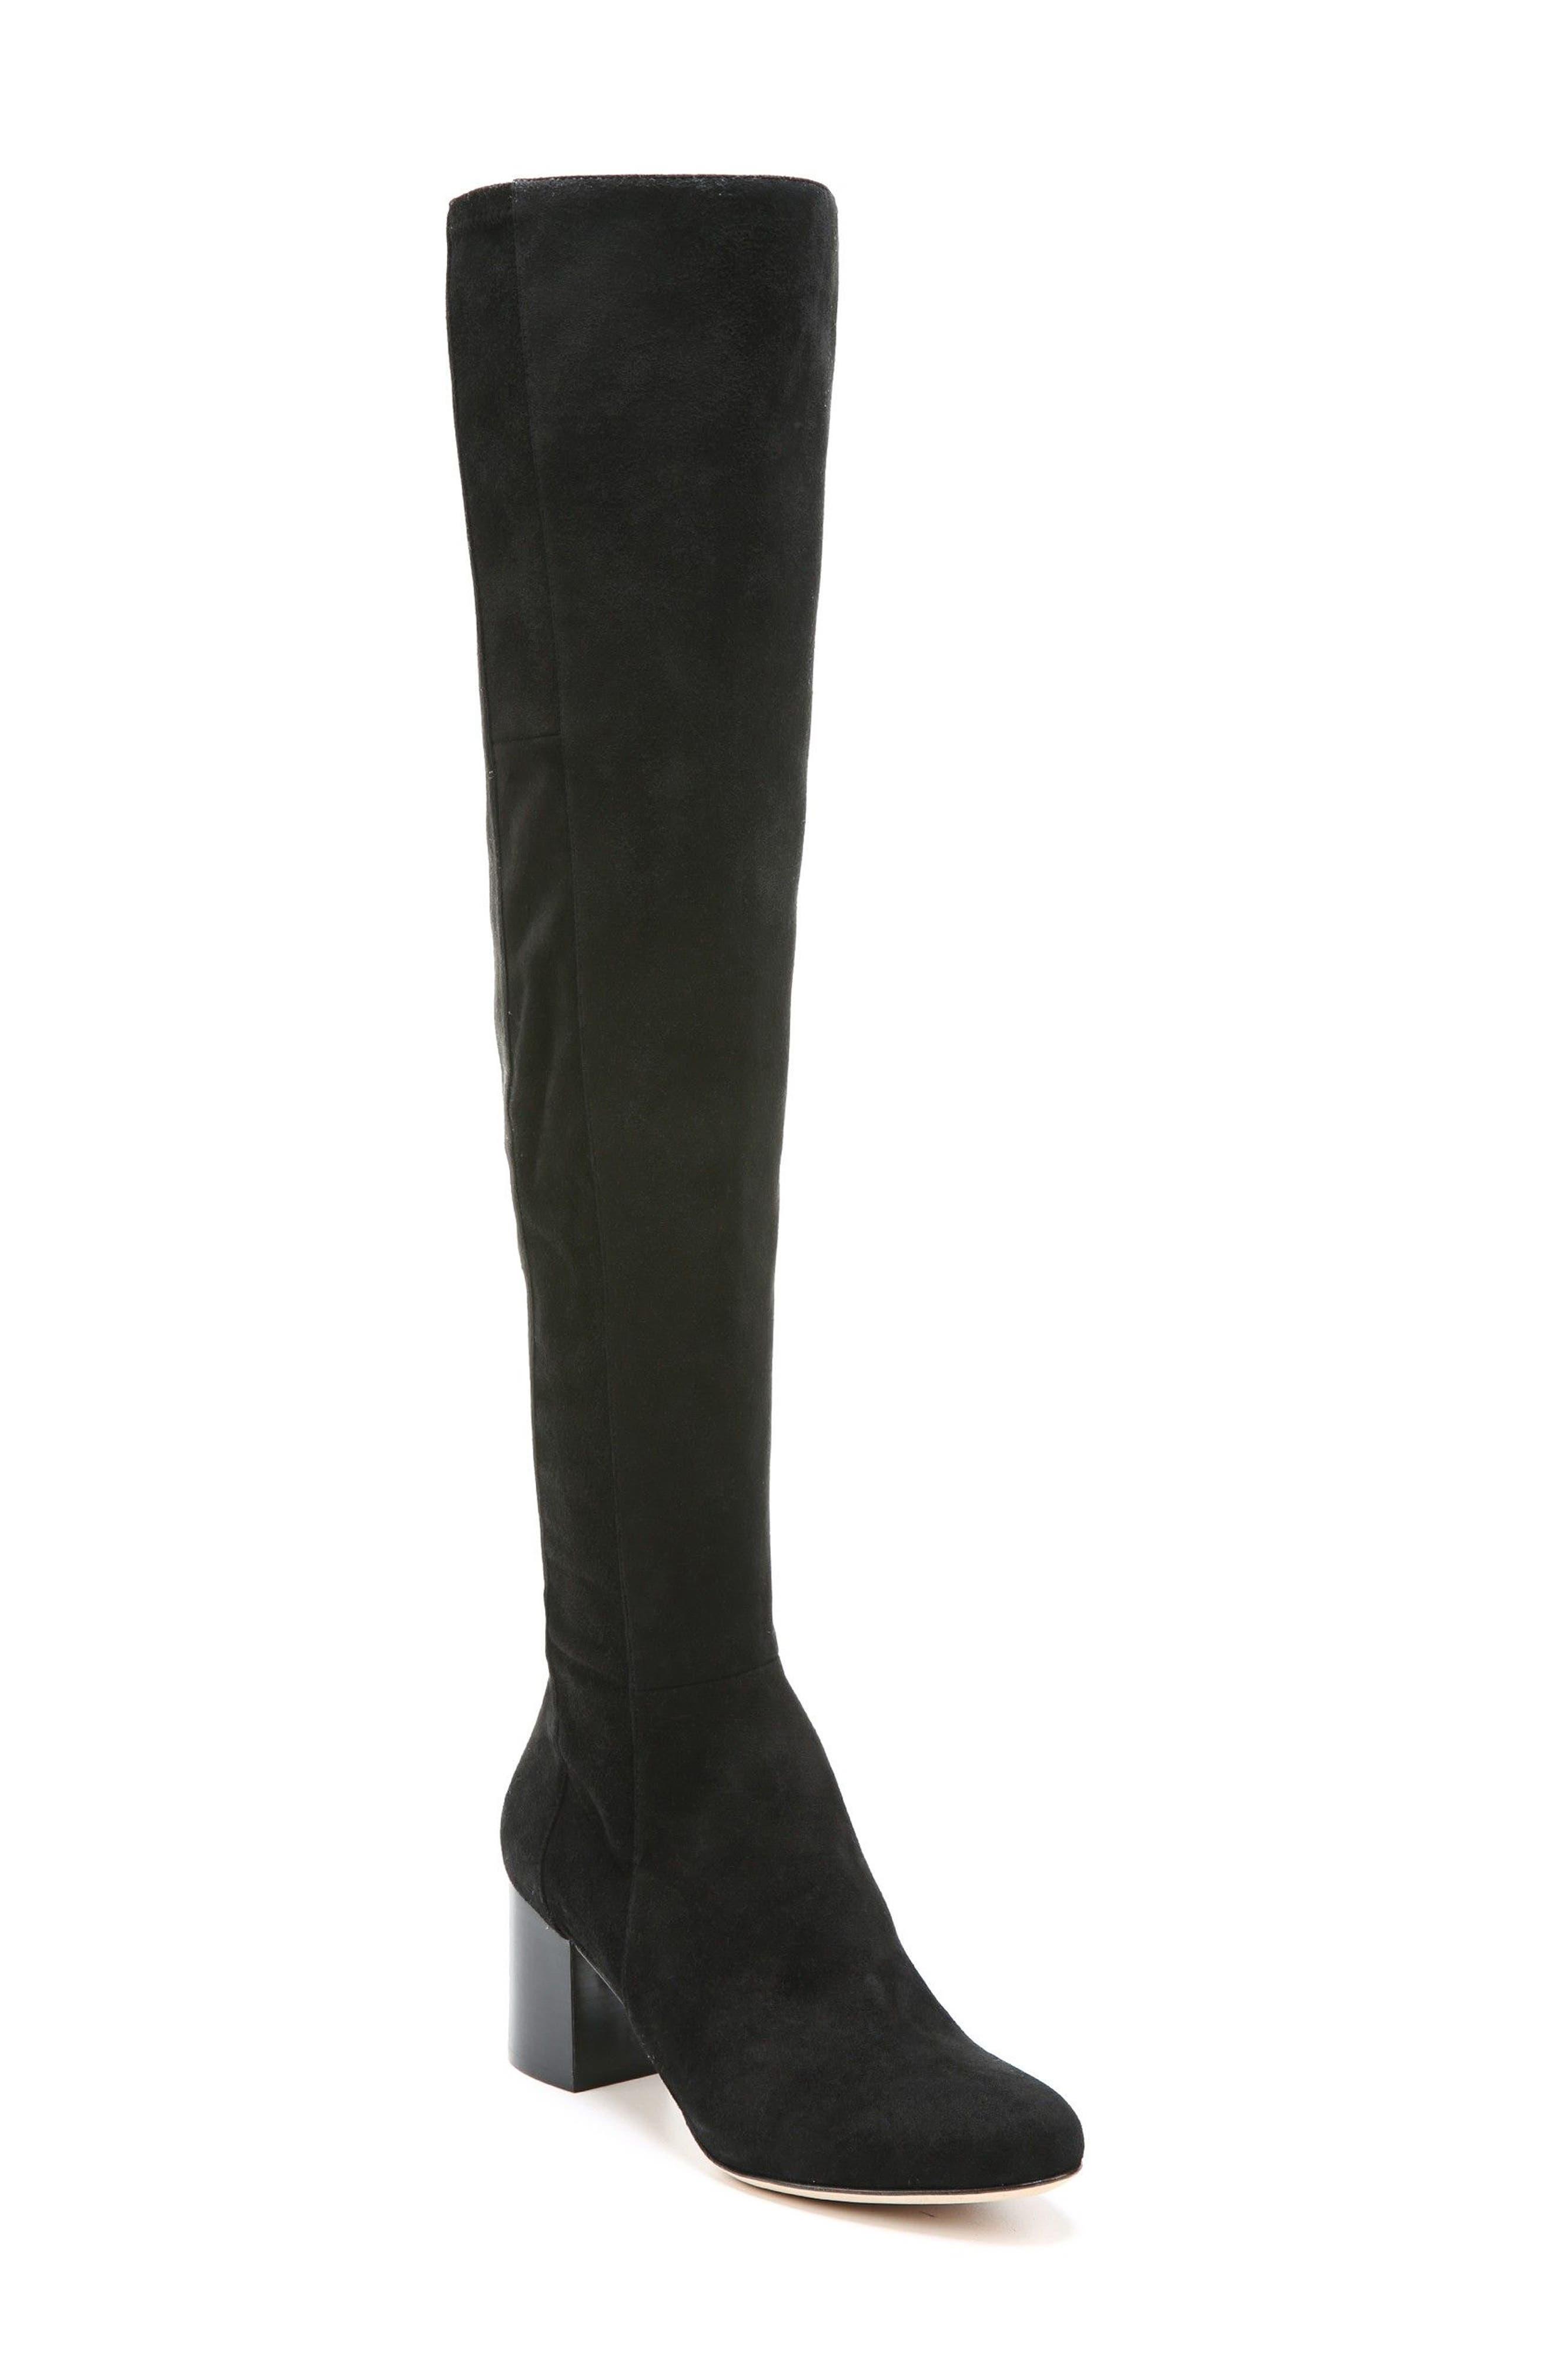 Diane von Furstenberg Luzzi Over the Knee Boot